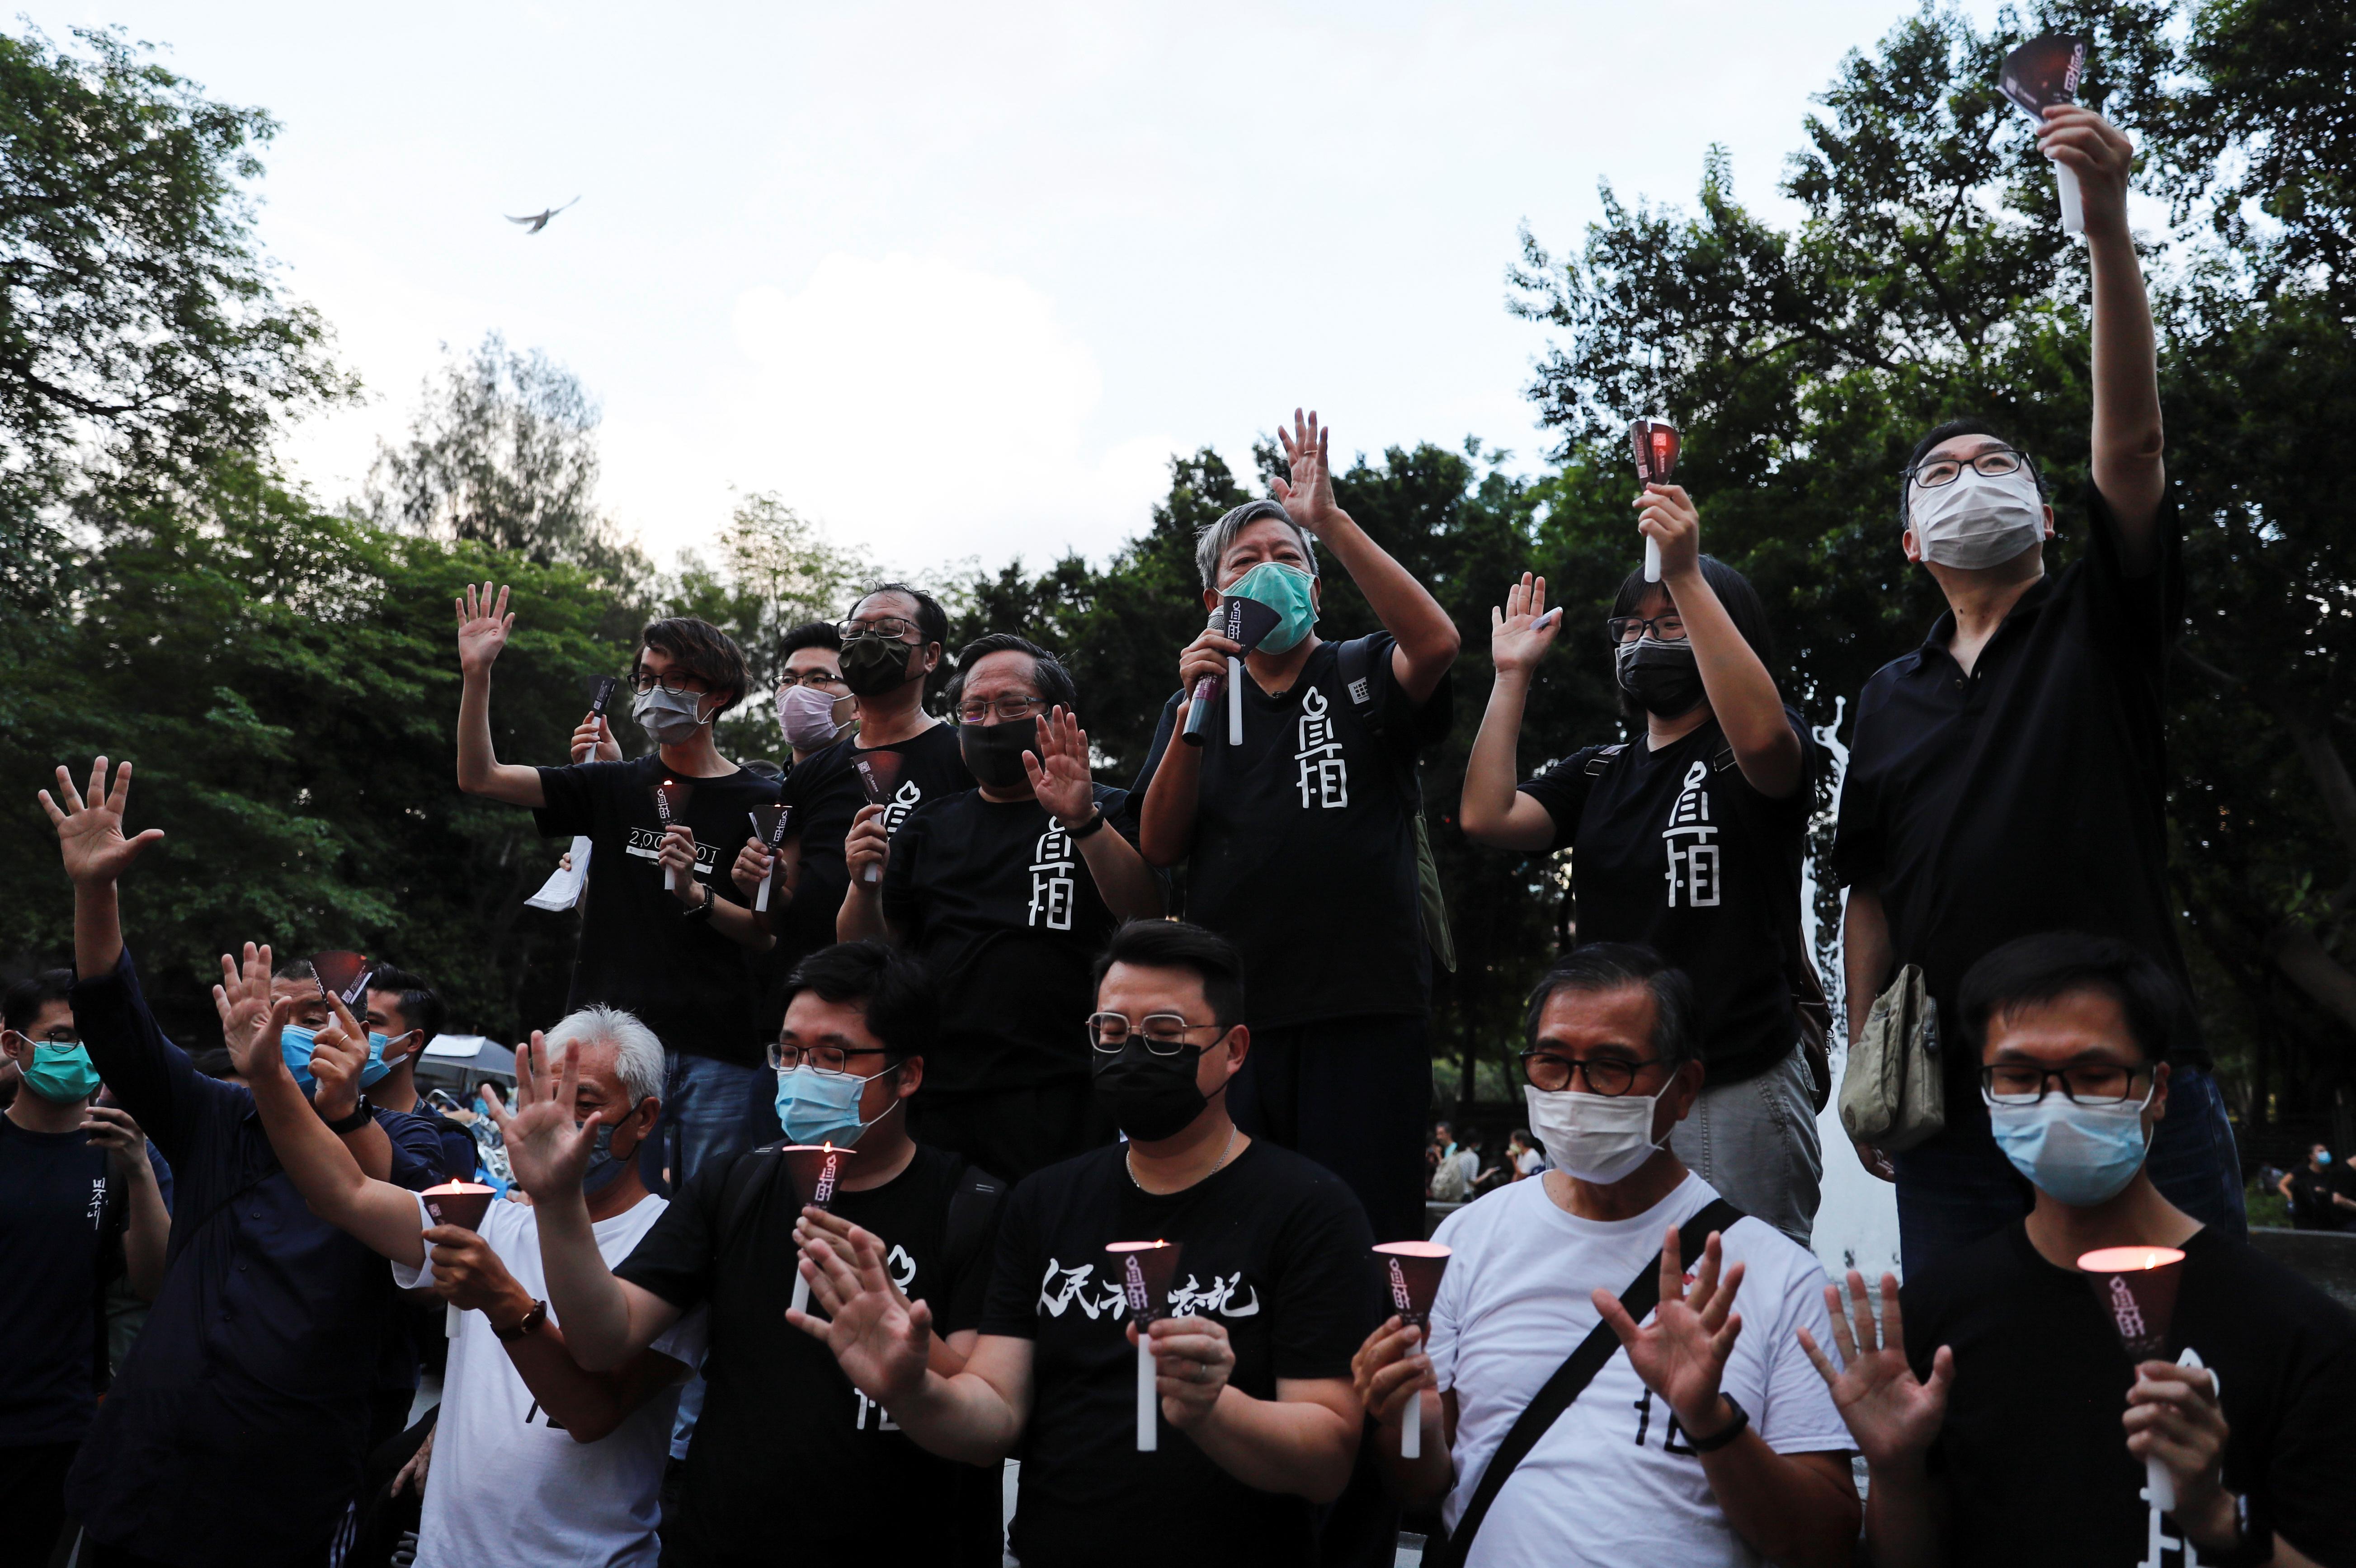 Más de 20 diputados decidieron no votar hoy porque, según explica a EFE el legislador Fernando Cheung Chiu-hung, vicepresidente del Partido Laborista,